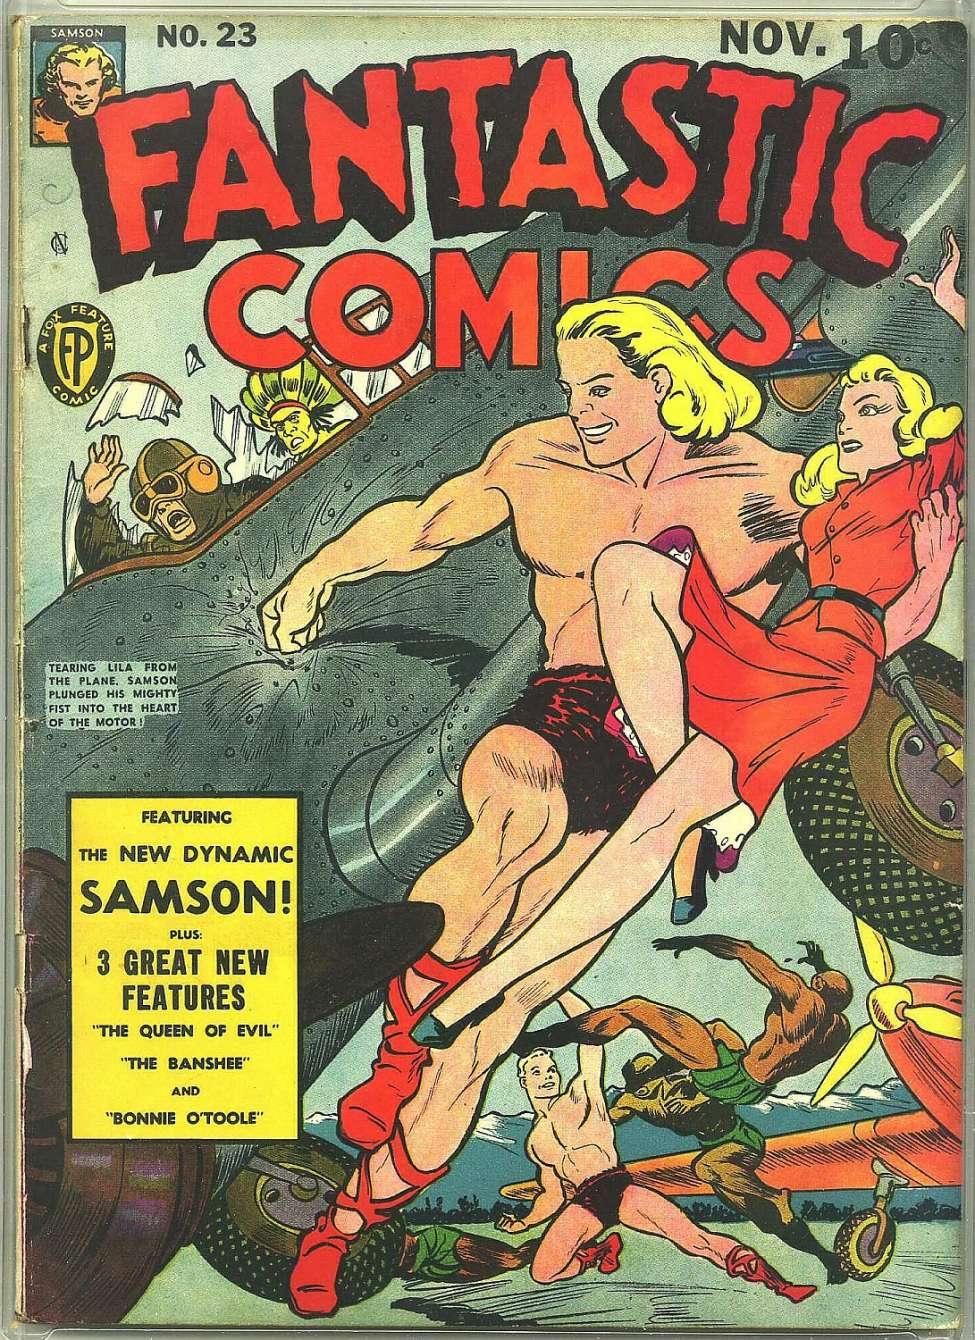 Comic Book Cover For Fantastic Comics #23